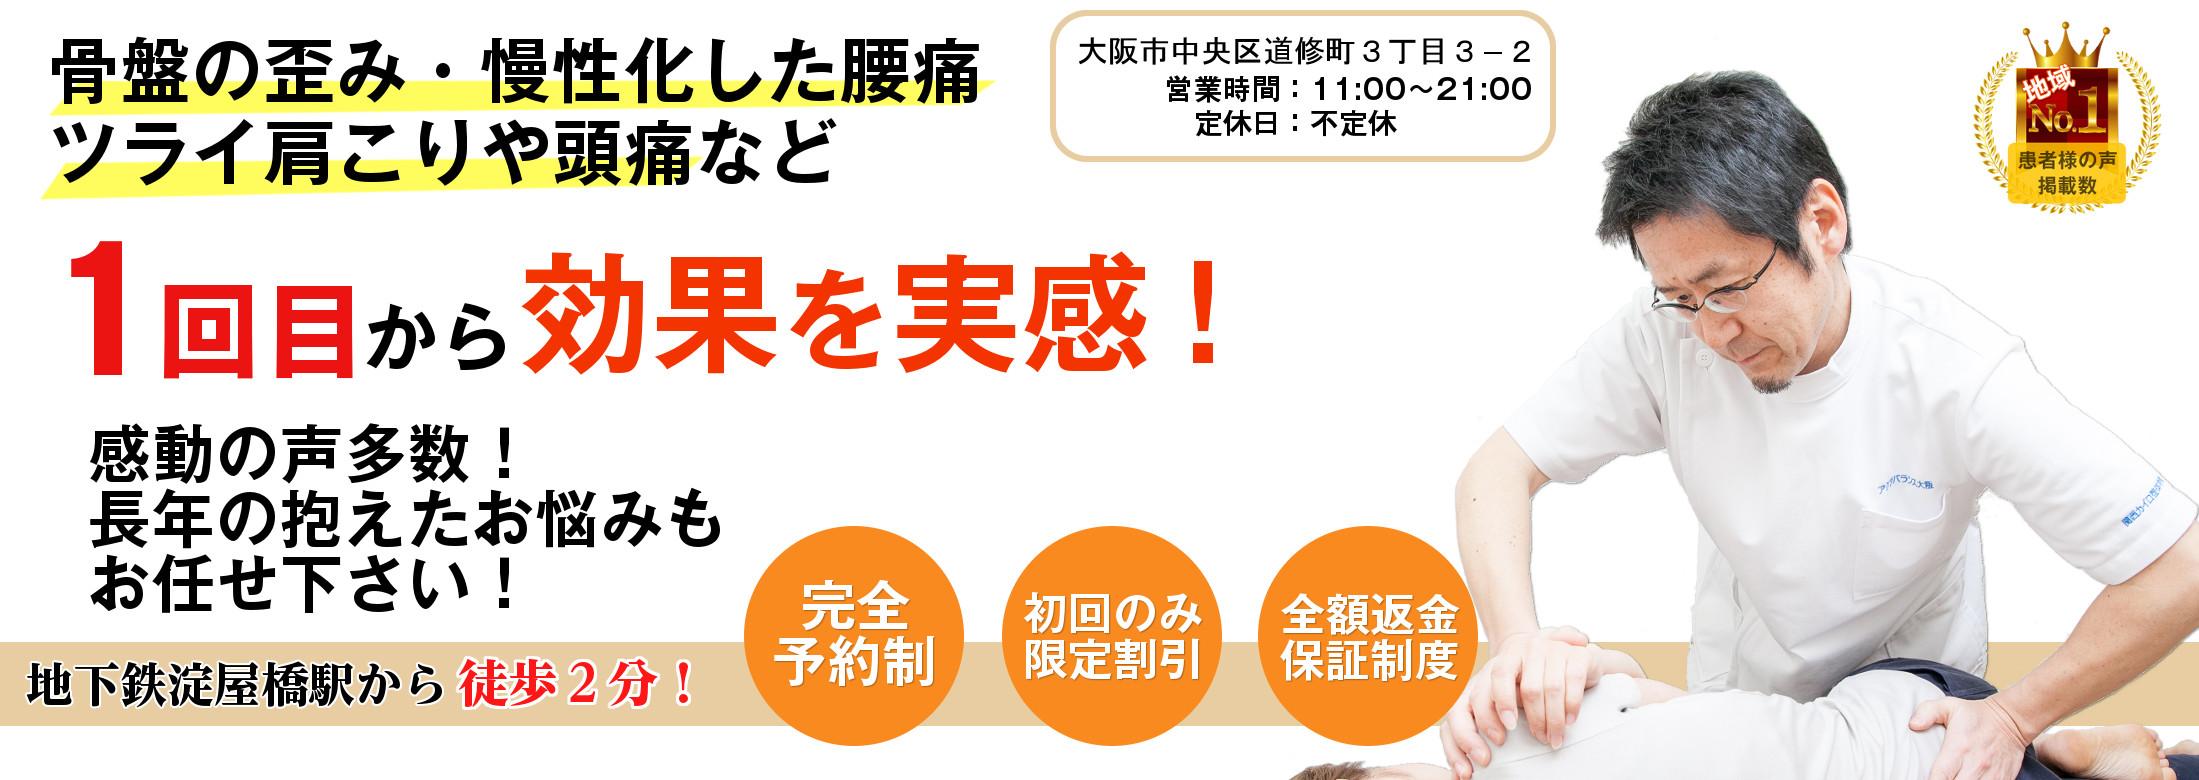 淀屋橋の整体ならアクアバランス大阪へ|肩こり・腰痛は当院へ